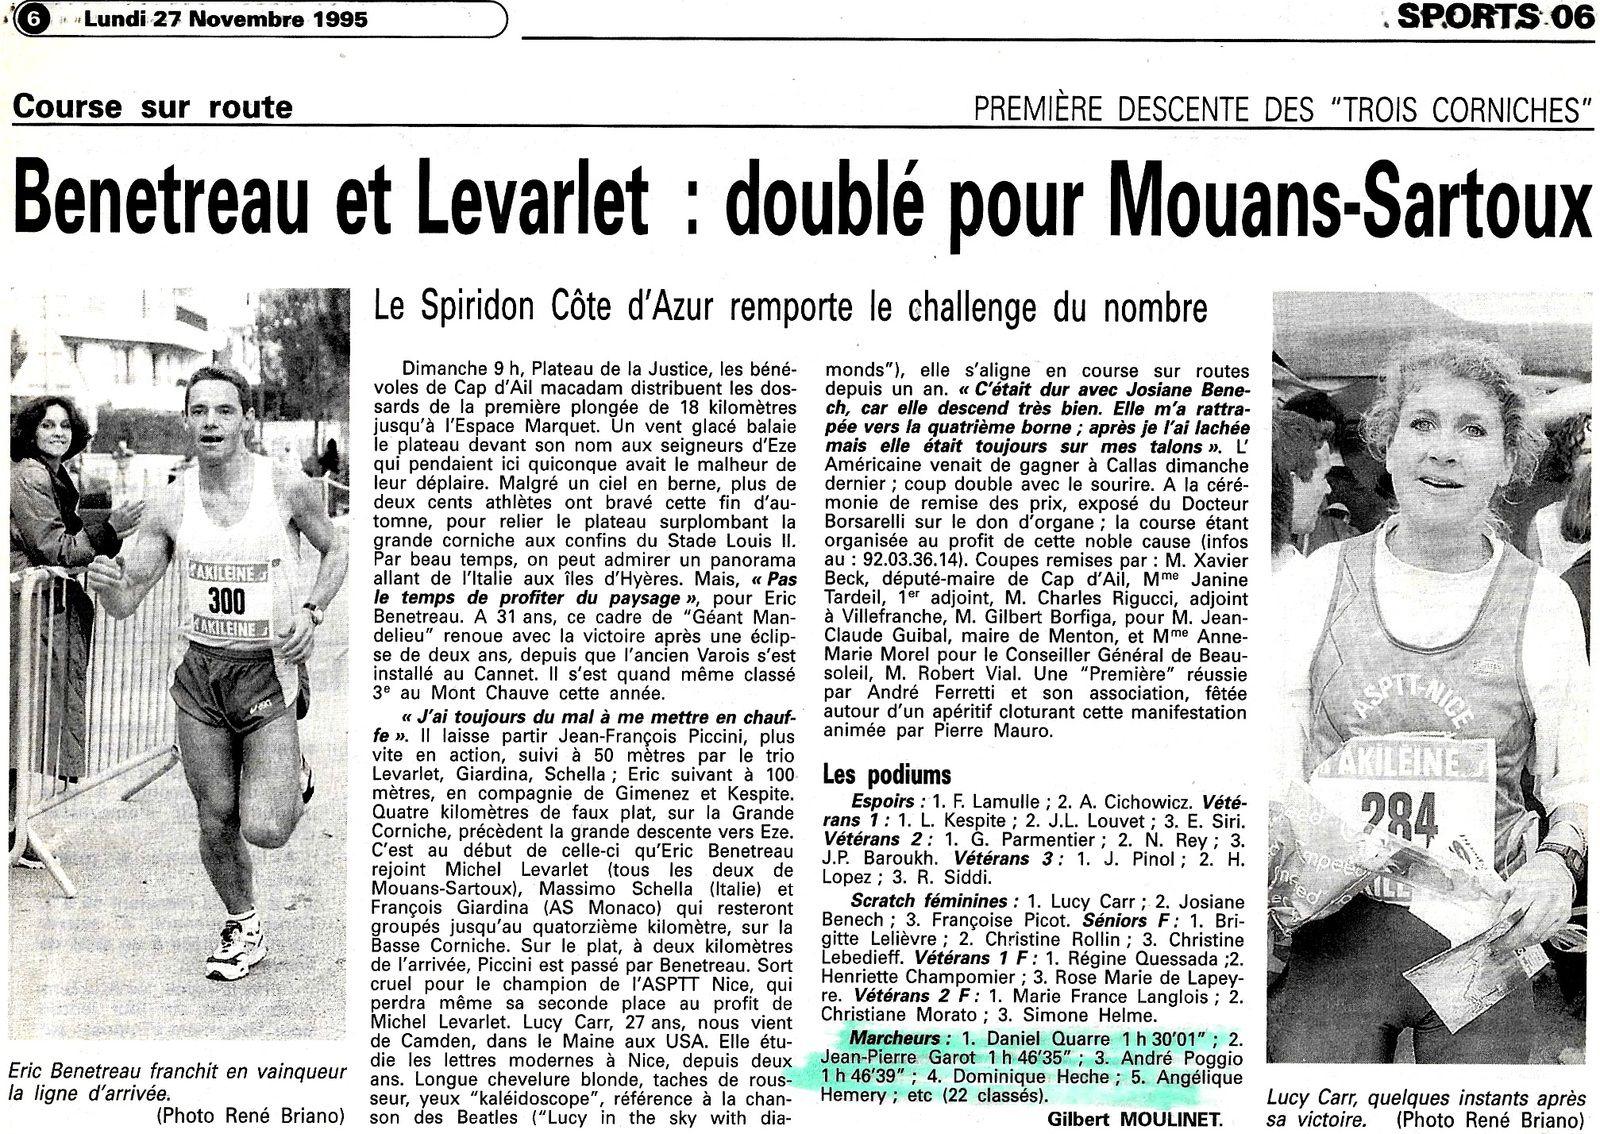 """PREMIERE DESCENTE DES """" TROIS CORNICHES """"  27.11.1995"""